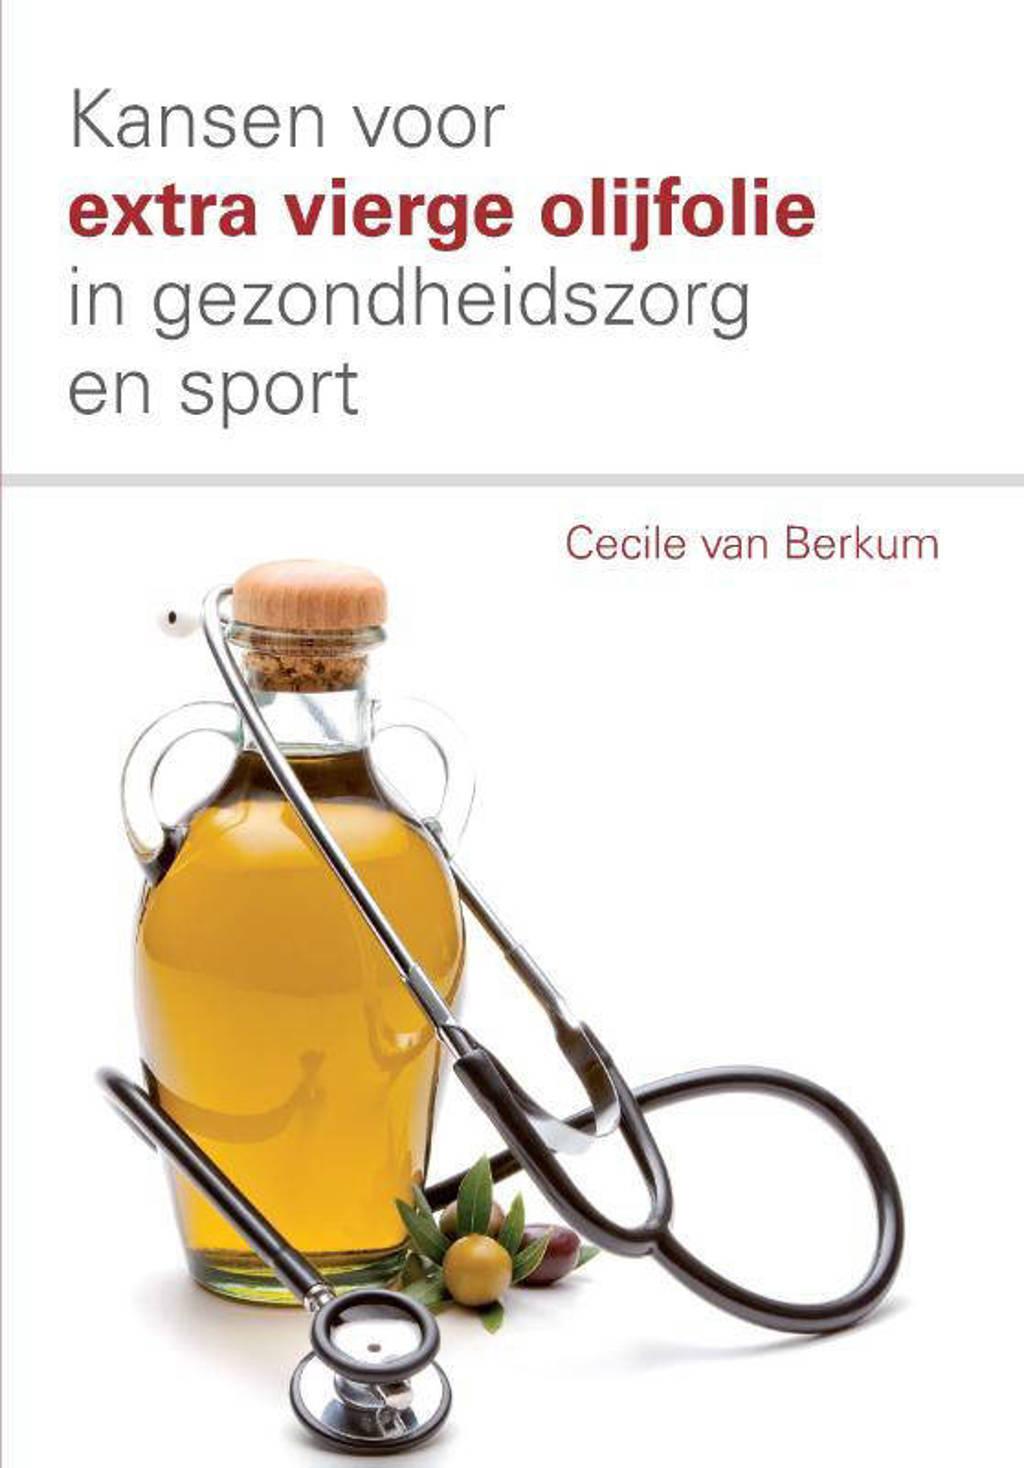 Kansen voor extra vierge olijfolie in de gezondheidszorg en sport - Cecile van Berkum